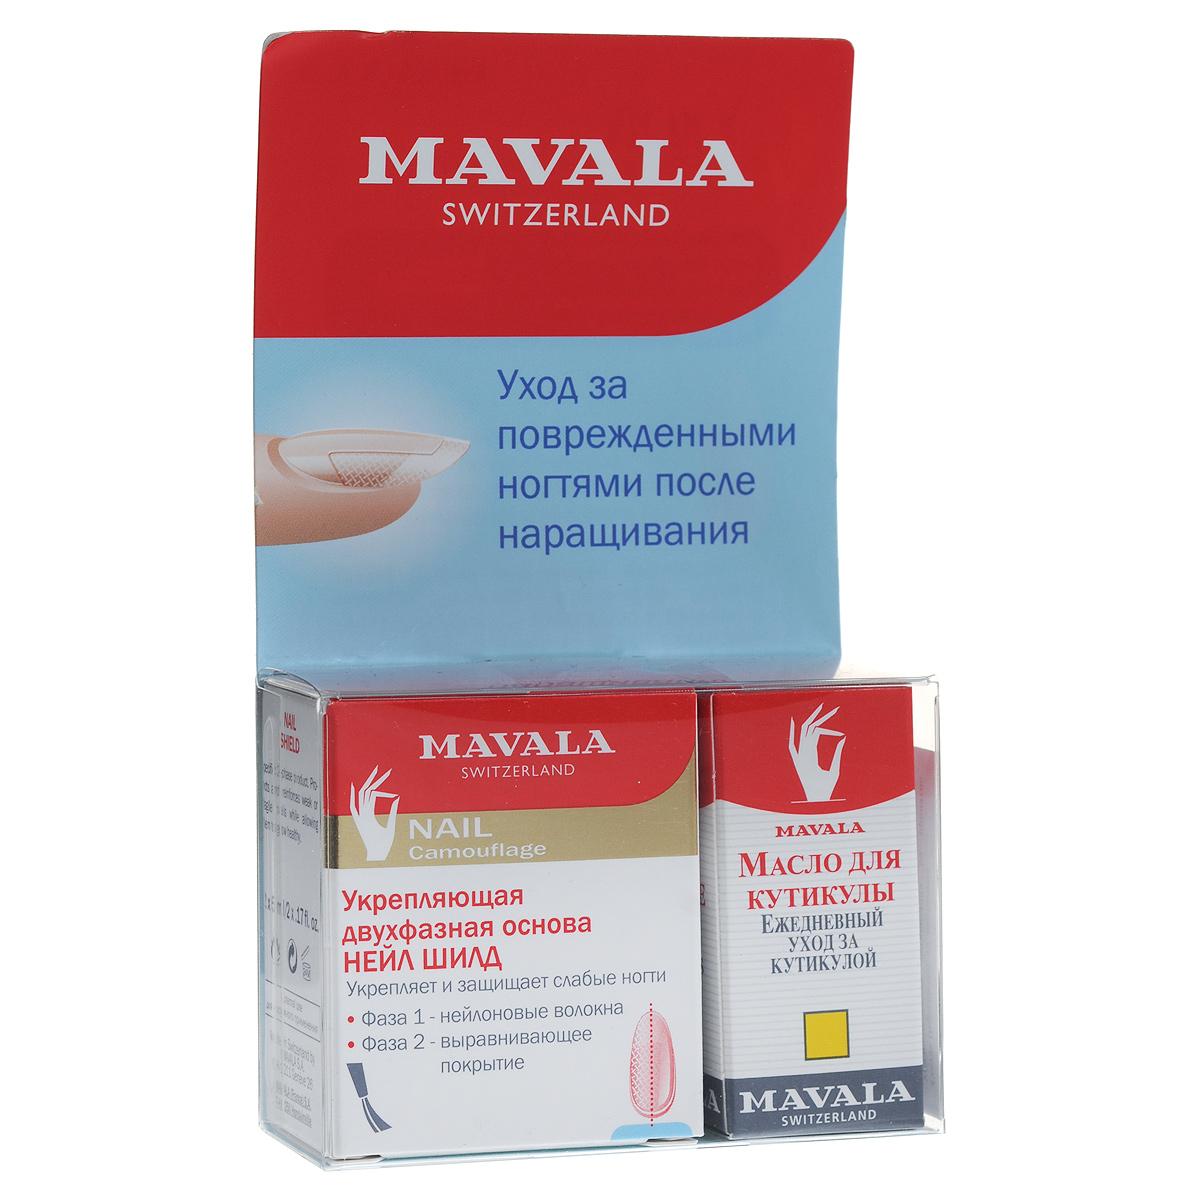 Mavala Набор для ногтей Уход за поврежденными ногтями после наращивания: двухфазная основа Нейл шилд, укрепляющая, масло для кутикулы11-096Восстанавливающая программа MAVALA включает всего два средства, которые вернут красоту и здоровье даже поврежденным ногтям. Защитный экран для ногтей NAIL SHIELD: двухфазное средство для укрепления ногтей глубоко проникает в ногтевую пластину, увлажняет и делает ее прочной. Масло для кутикулы CUTICLE OIL: защищает кутикулу и ногти от пересыхания, питая их витаминами, предотвращает образование заусенцев и делает ногти эластичными. Способ применения: 1. Нанесение защитного экрана для ногтей: 1-я фаза – нанесите слой средства №1 (Fibres&Nylon) на основе нейлоновых волокон на всю поверхность ногтя и дождитесь, пока слой высохнет. Этот слой формирует защитную решетку на ногте, не препятствуя его здоровому развитию. 2-я фаза – нанесите слой средства №2 (Egalisator&Sealer) для закрепления нейлоновых волокон и создания идеально ровной основы под лак. Если на поверхности остались неровности, нанесите еще один слой. Средство можно...